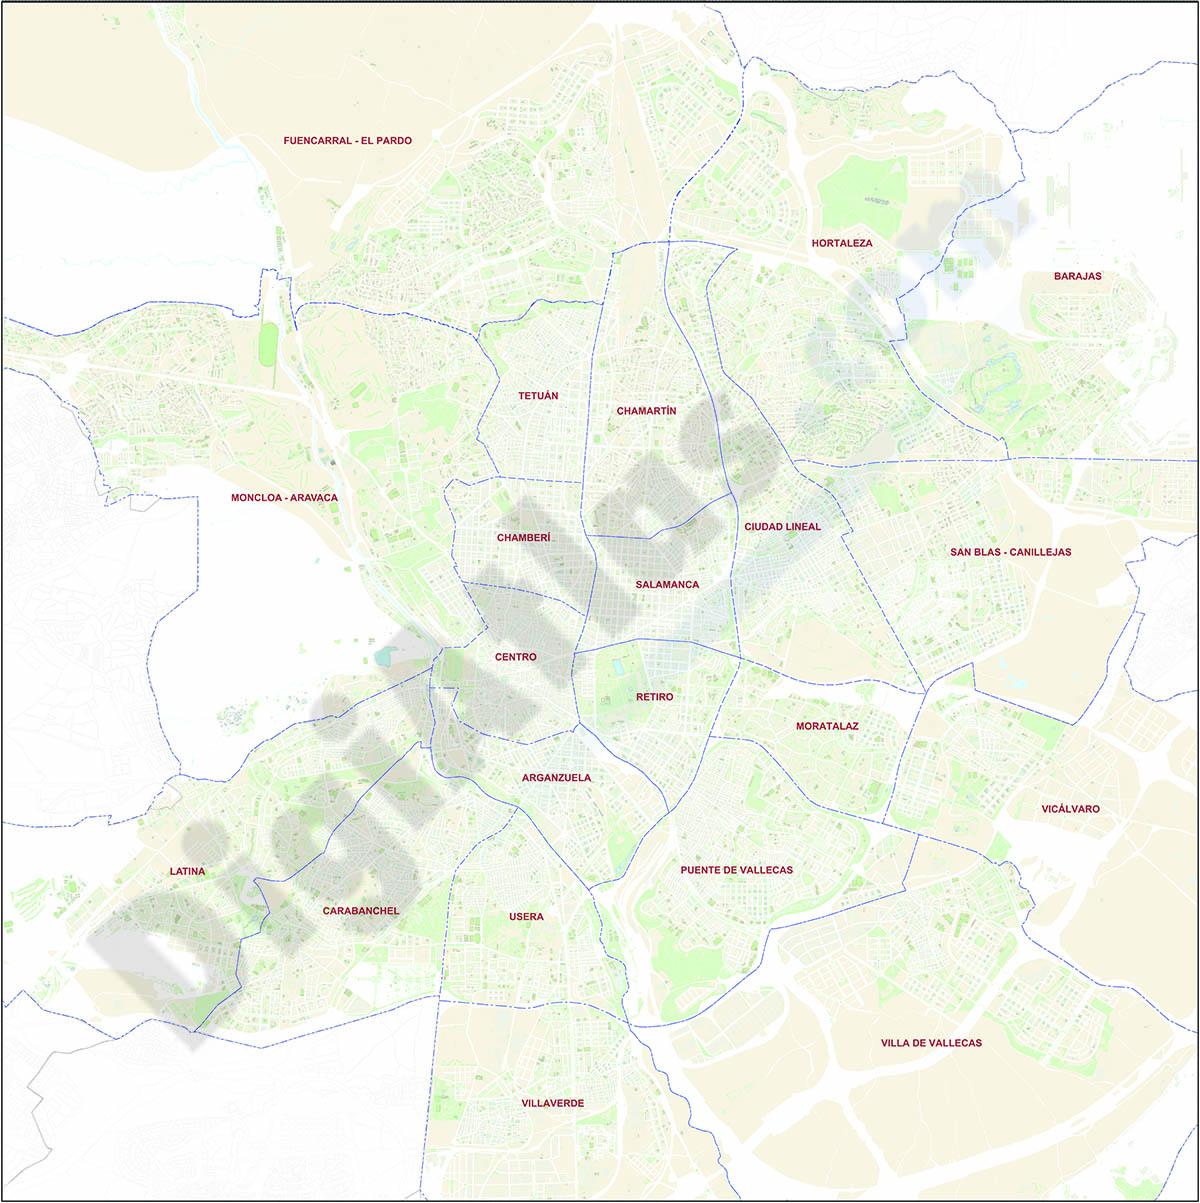 Plano detallado de Madrid con Distritos